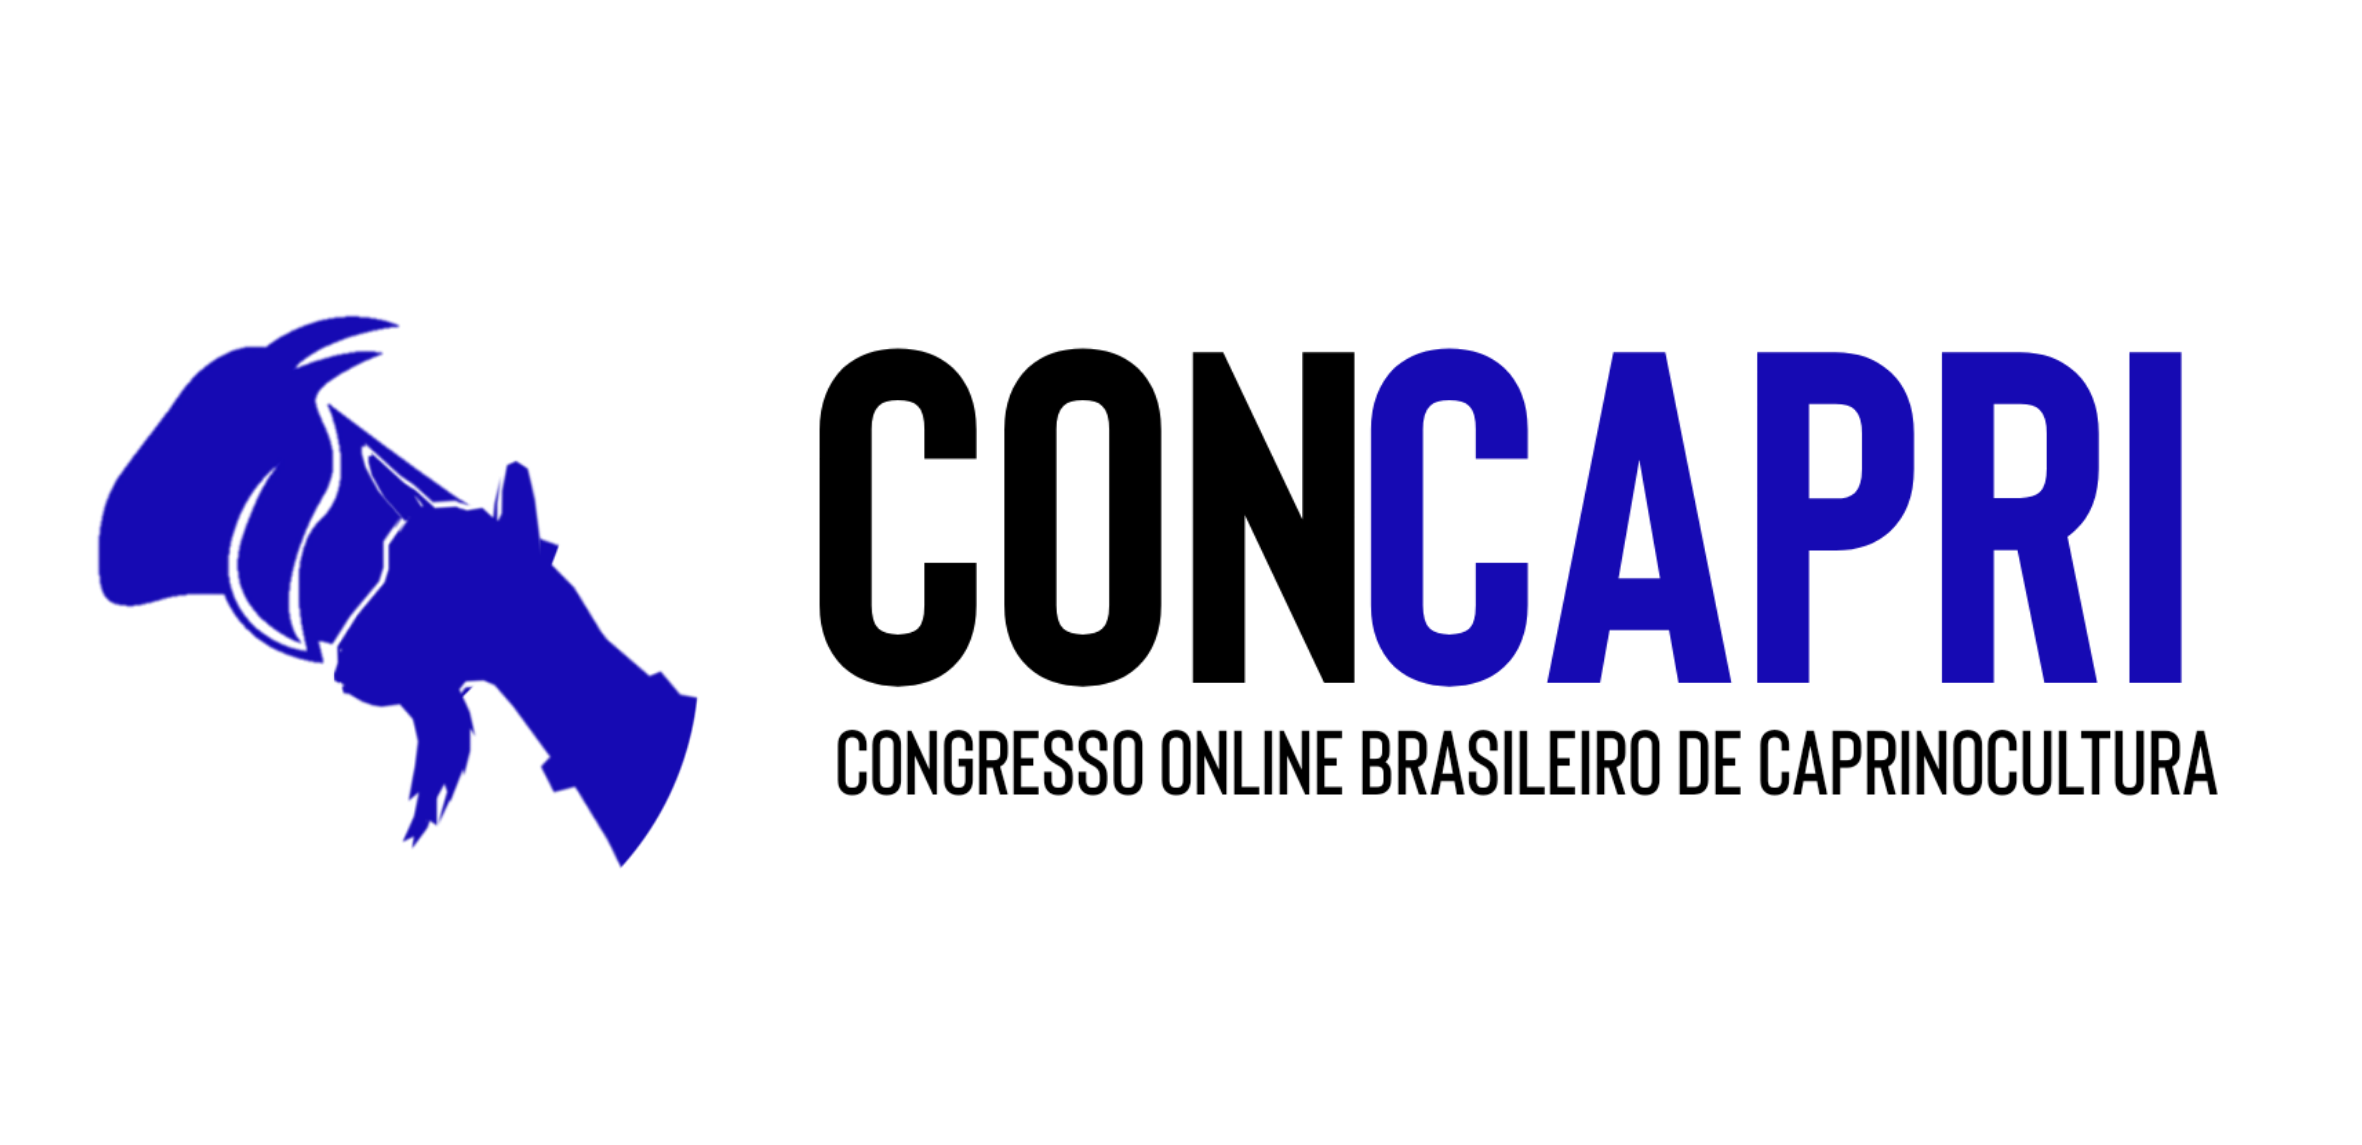 CONCAPRI